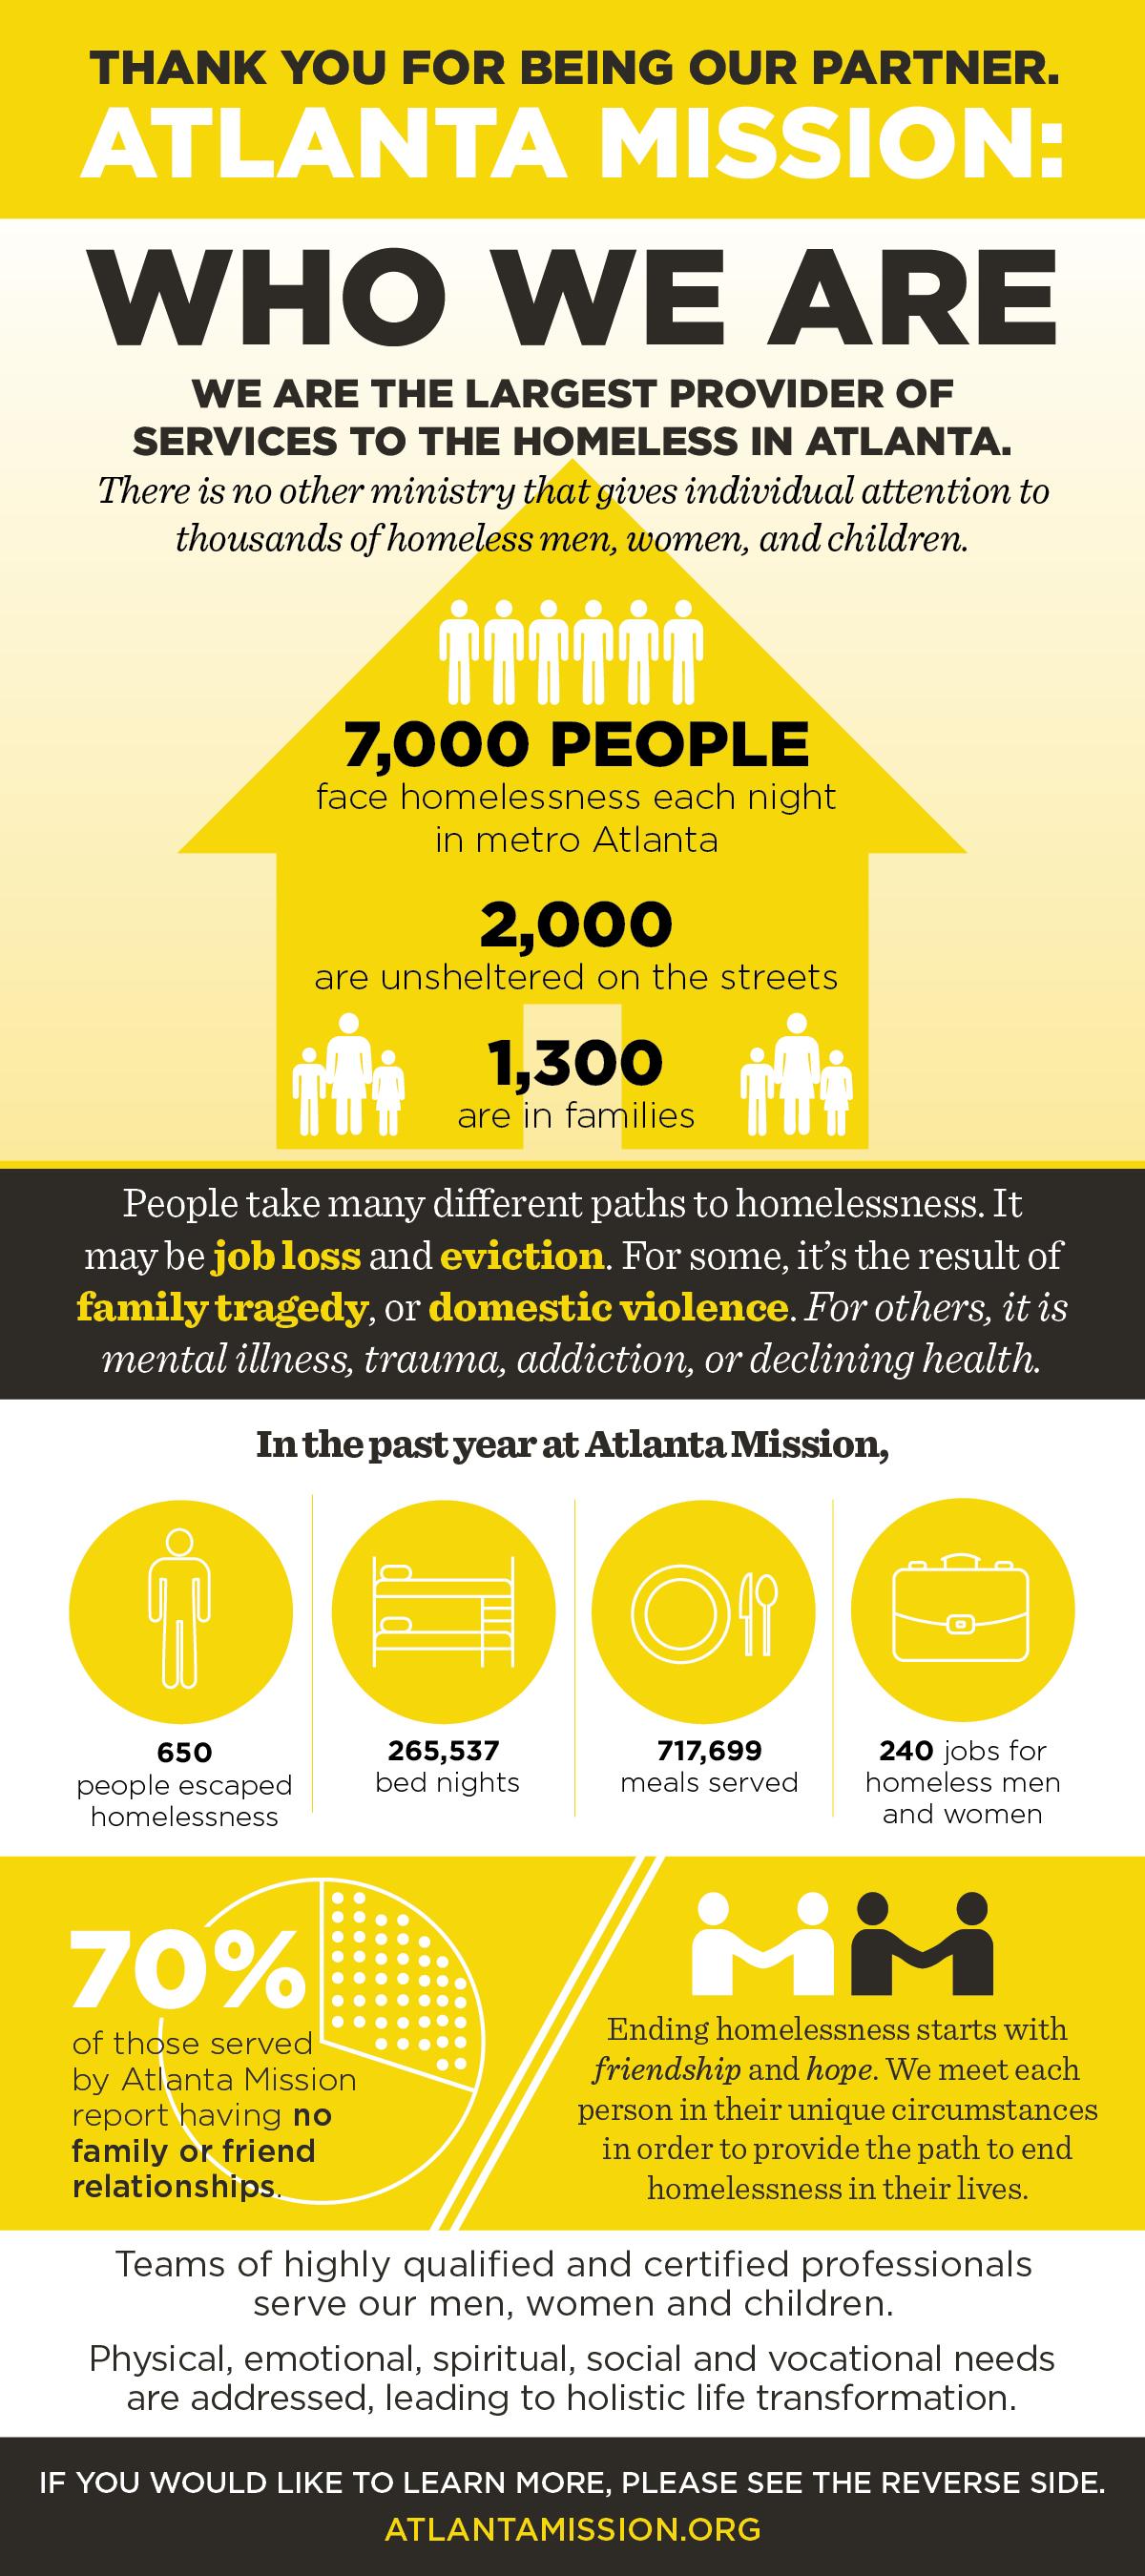 ATL_EndingHomelessness_infographic.jpg